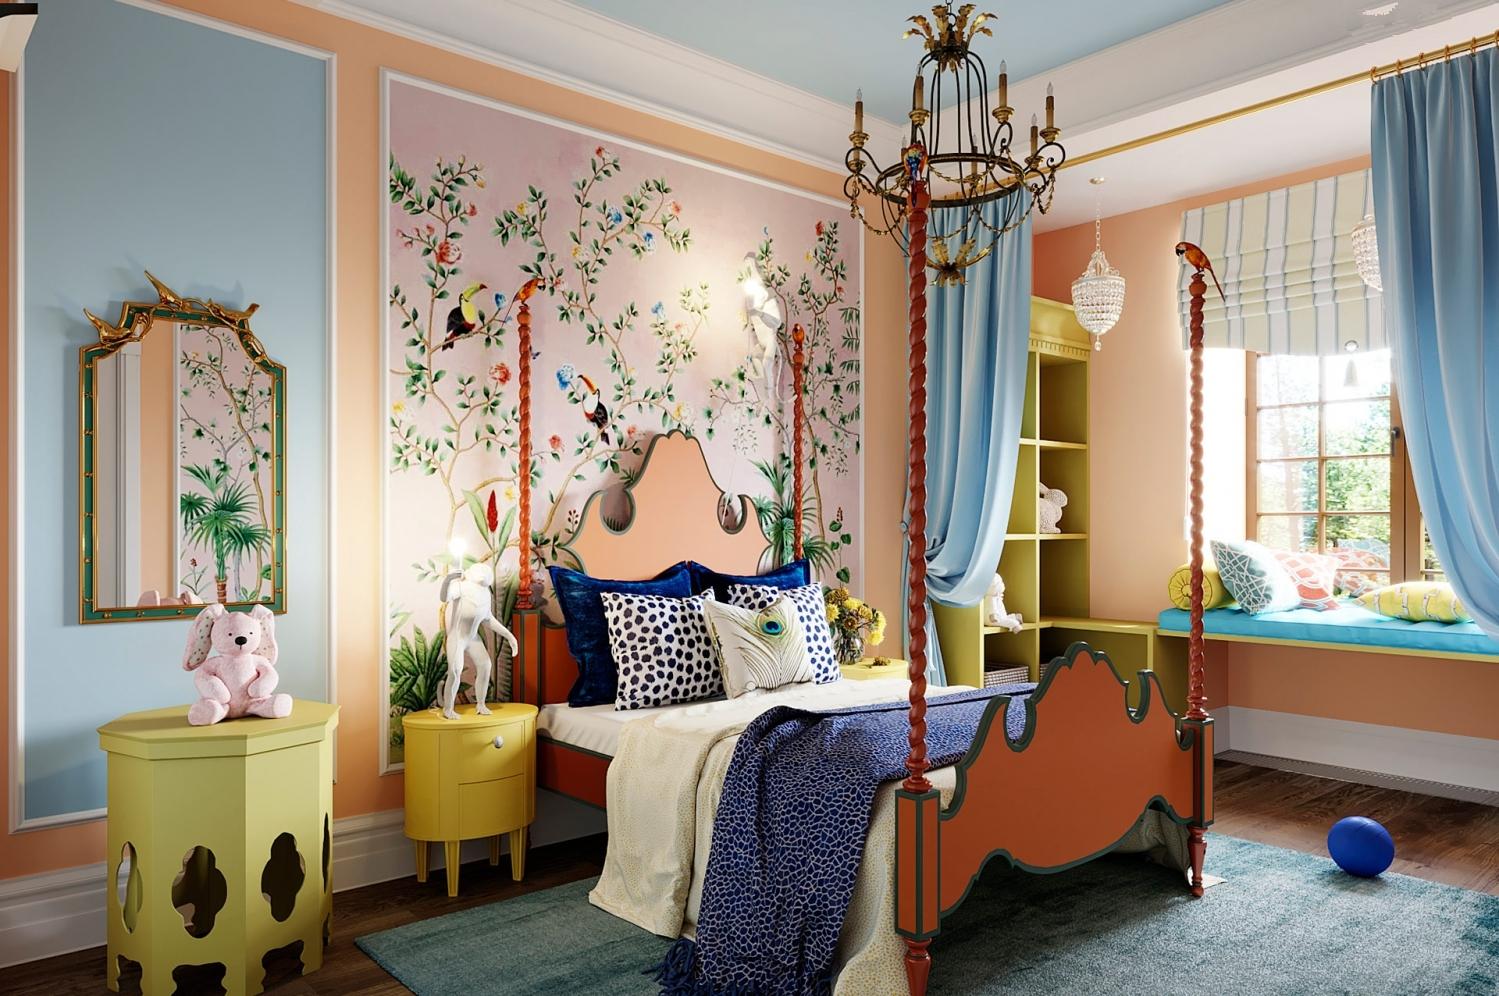 英庭名墅 别墅装修 欧美风格 腾龙设计 卧室图片来自孔继民在【精品】英庭名墅别墅完工实景的分享